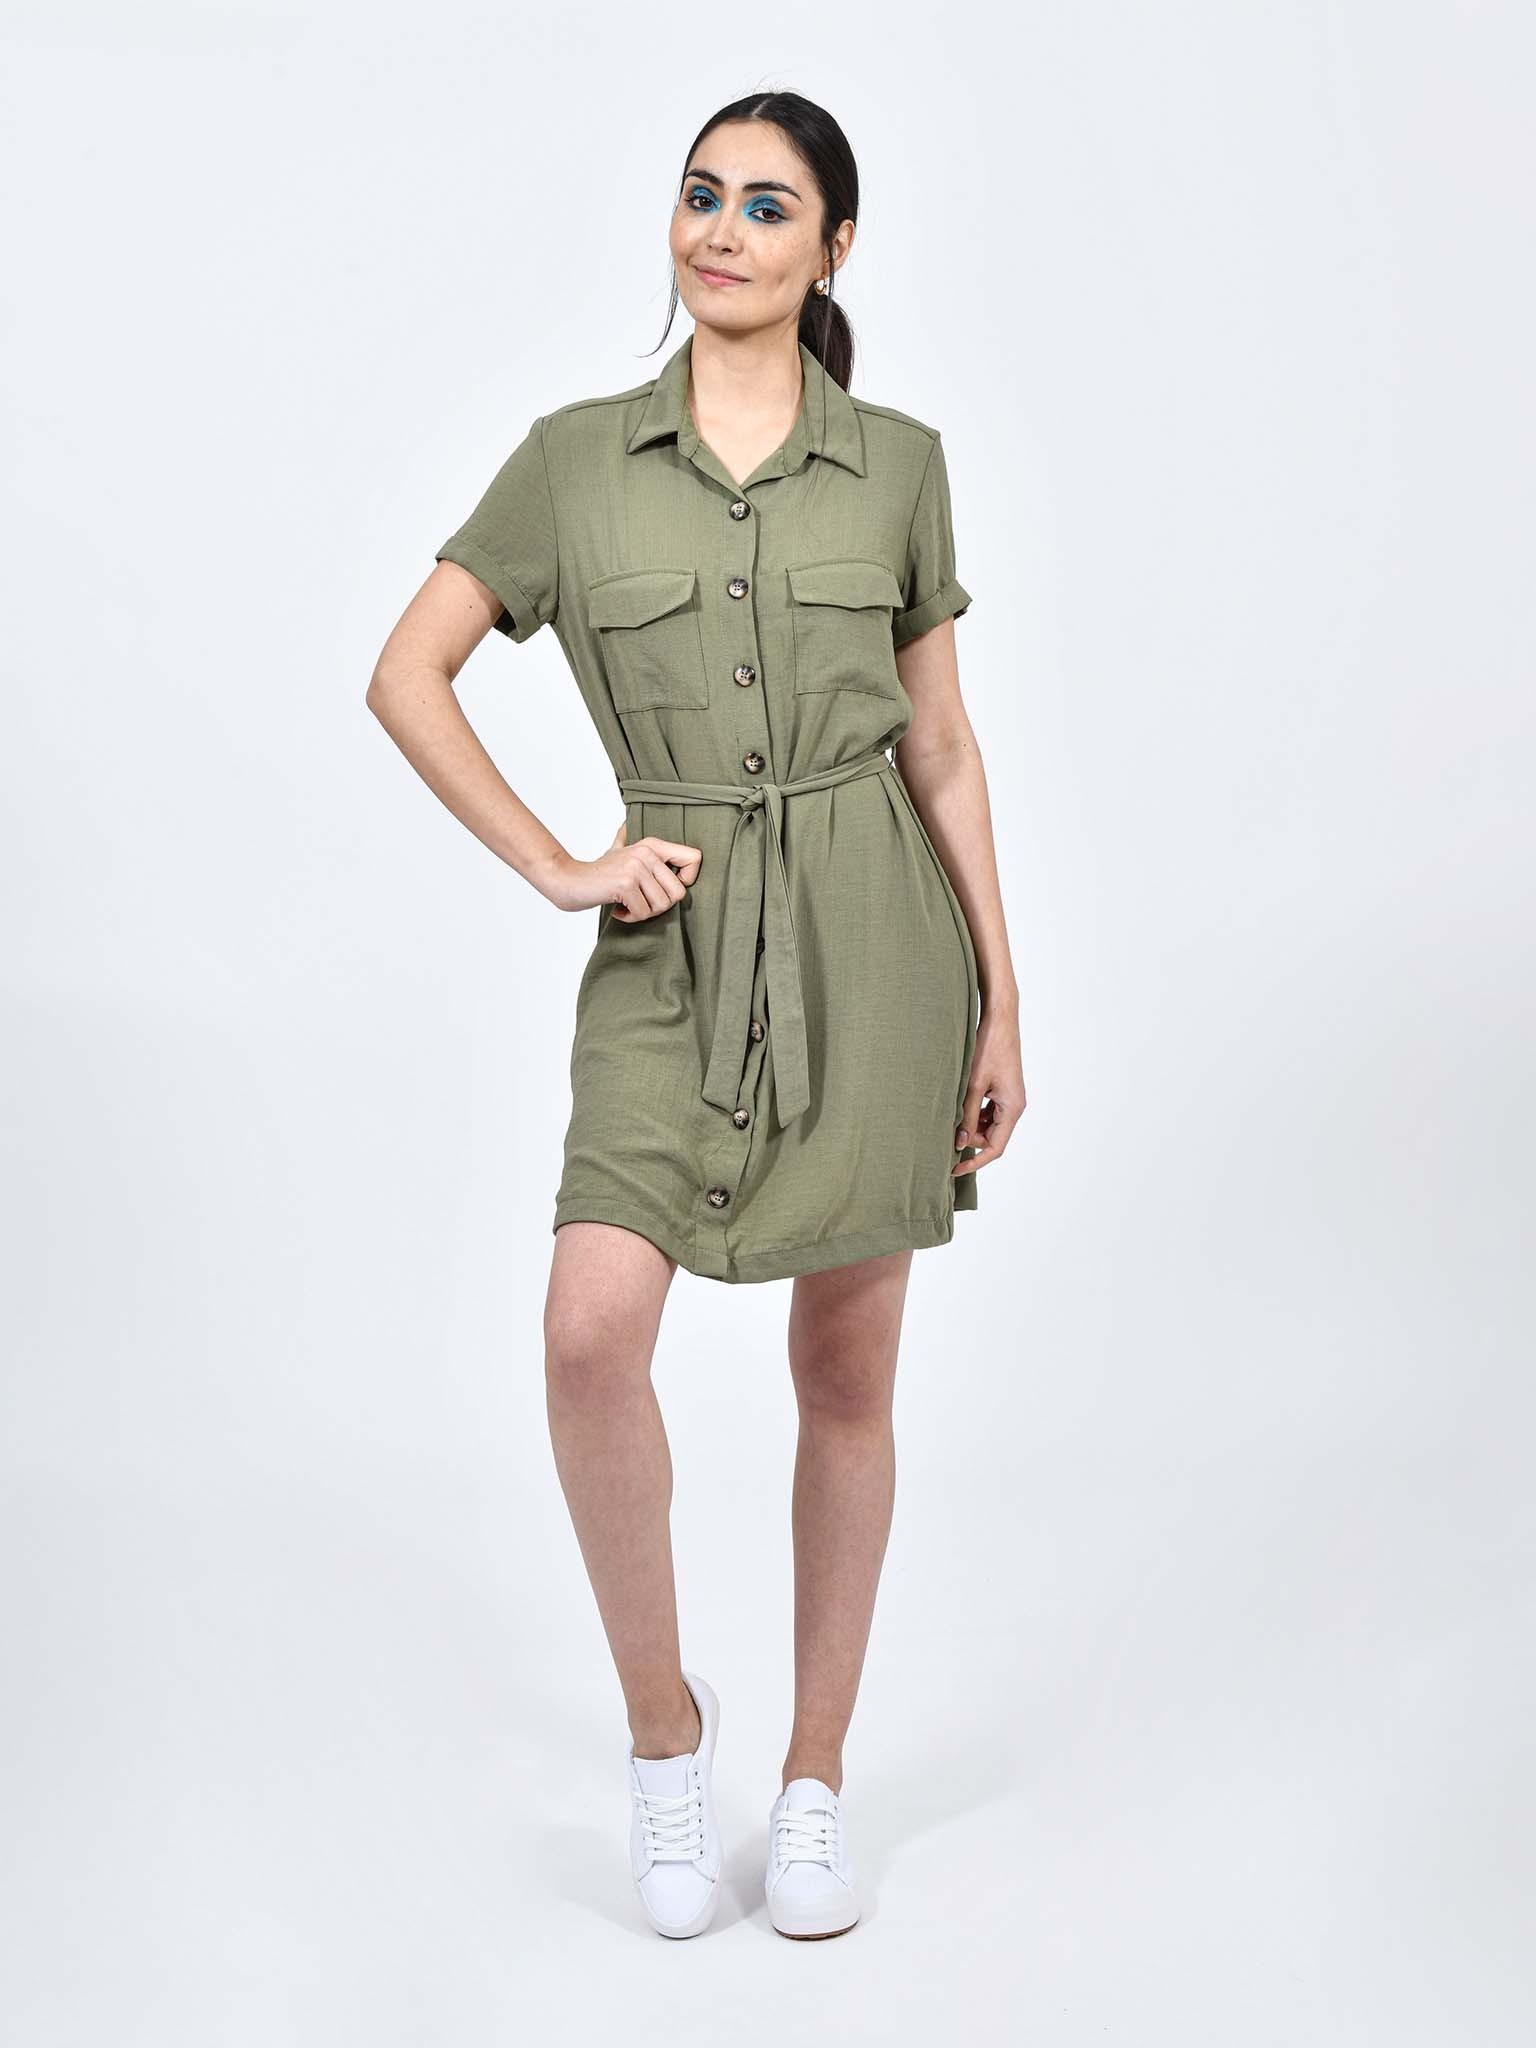 Oferta de Vestido Casual Cargo por $251.1